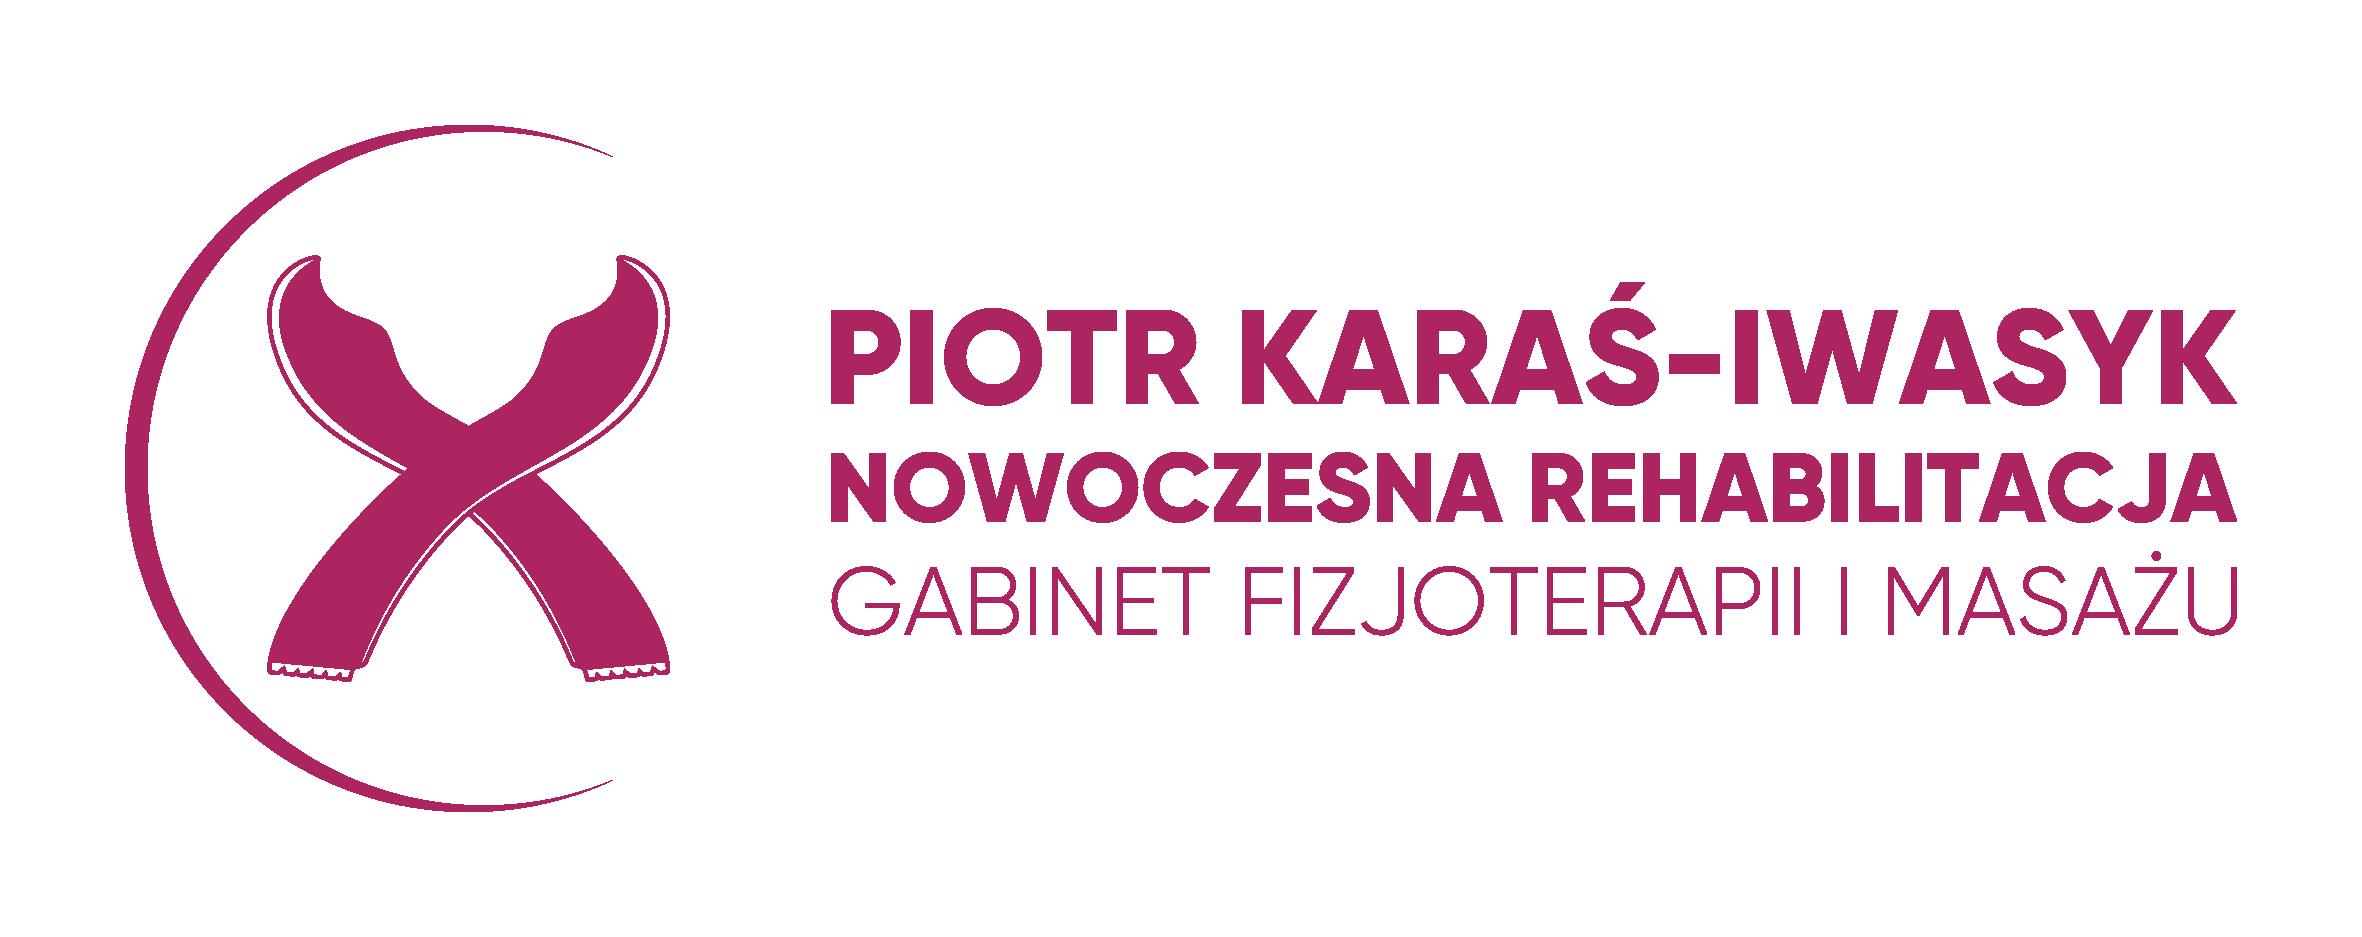 Nowoczesna rehabilitacja Piotr Karaś-Iwasyk gabinet fizjoterapii i masażu